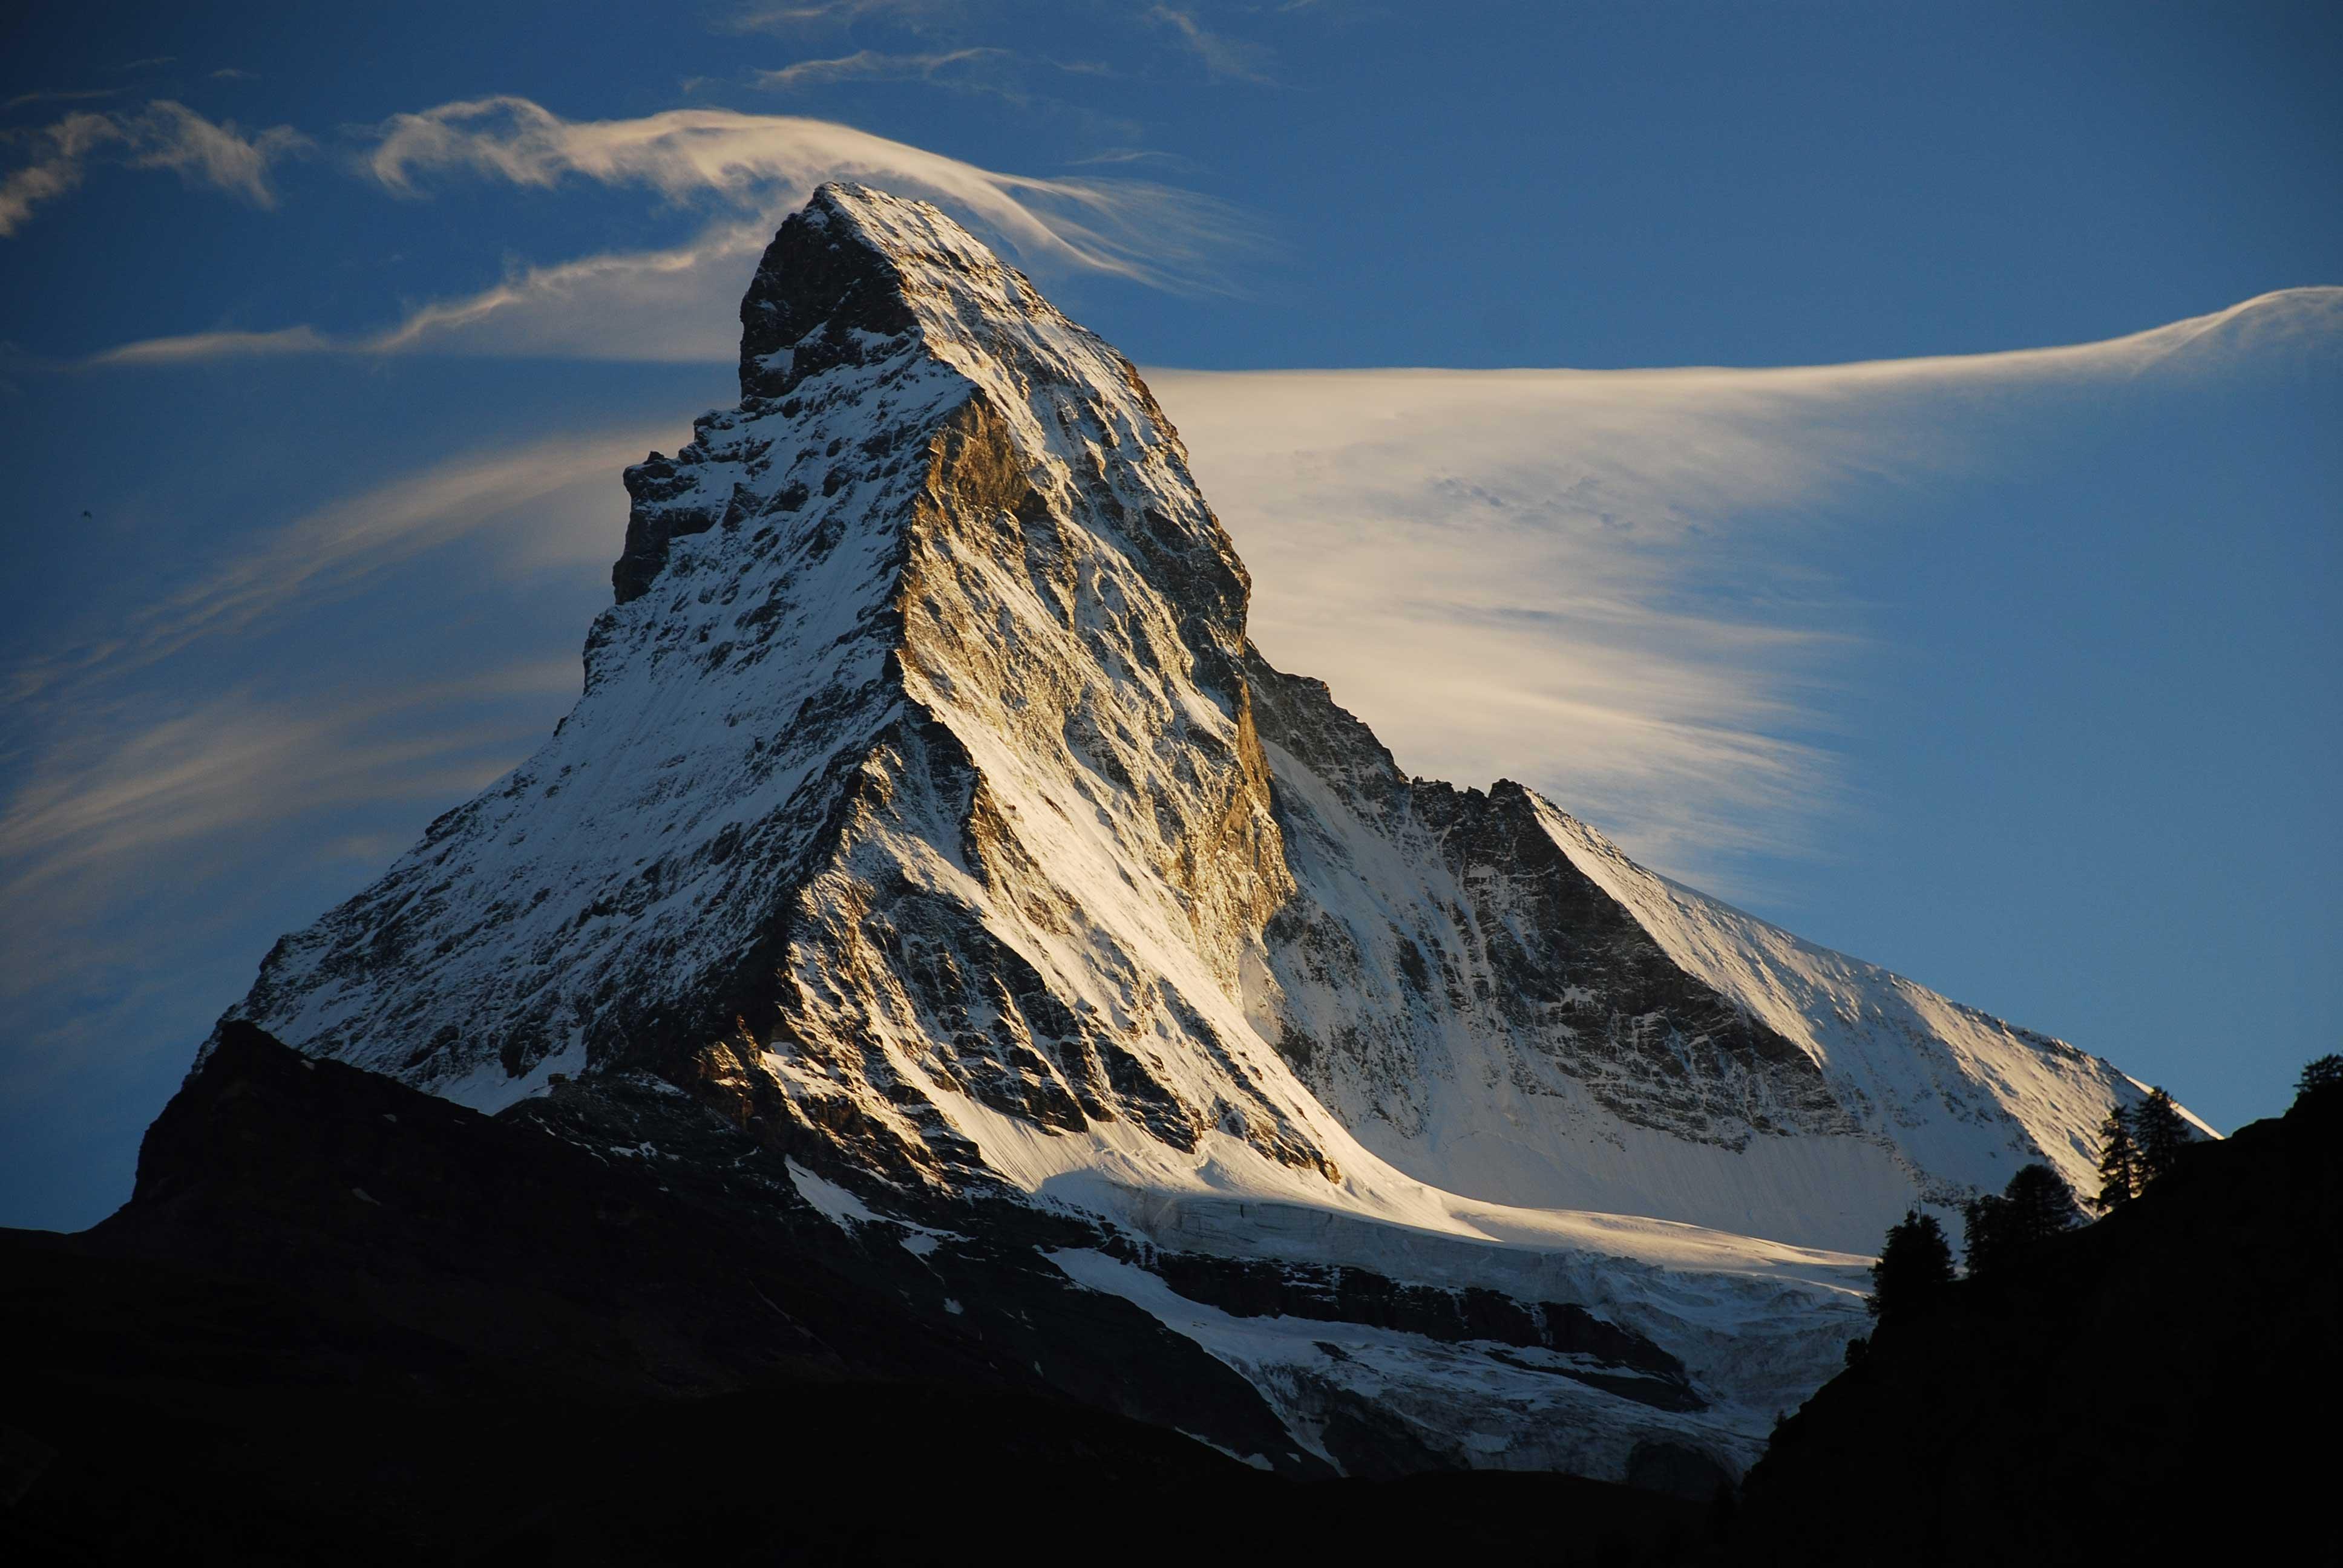 Matterhorn/ Crédito foto: http://www.summitpost.org/matterhorn-monte-cervino/150235